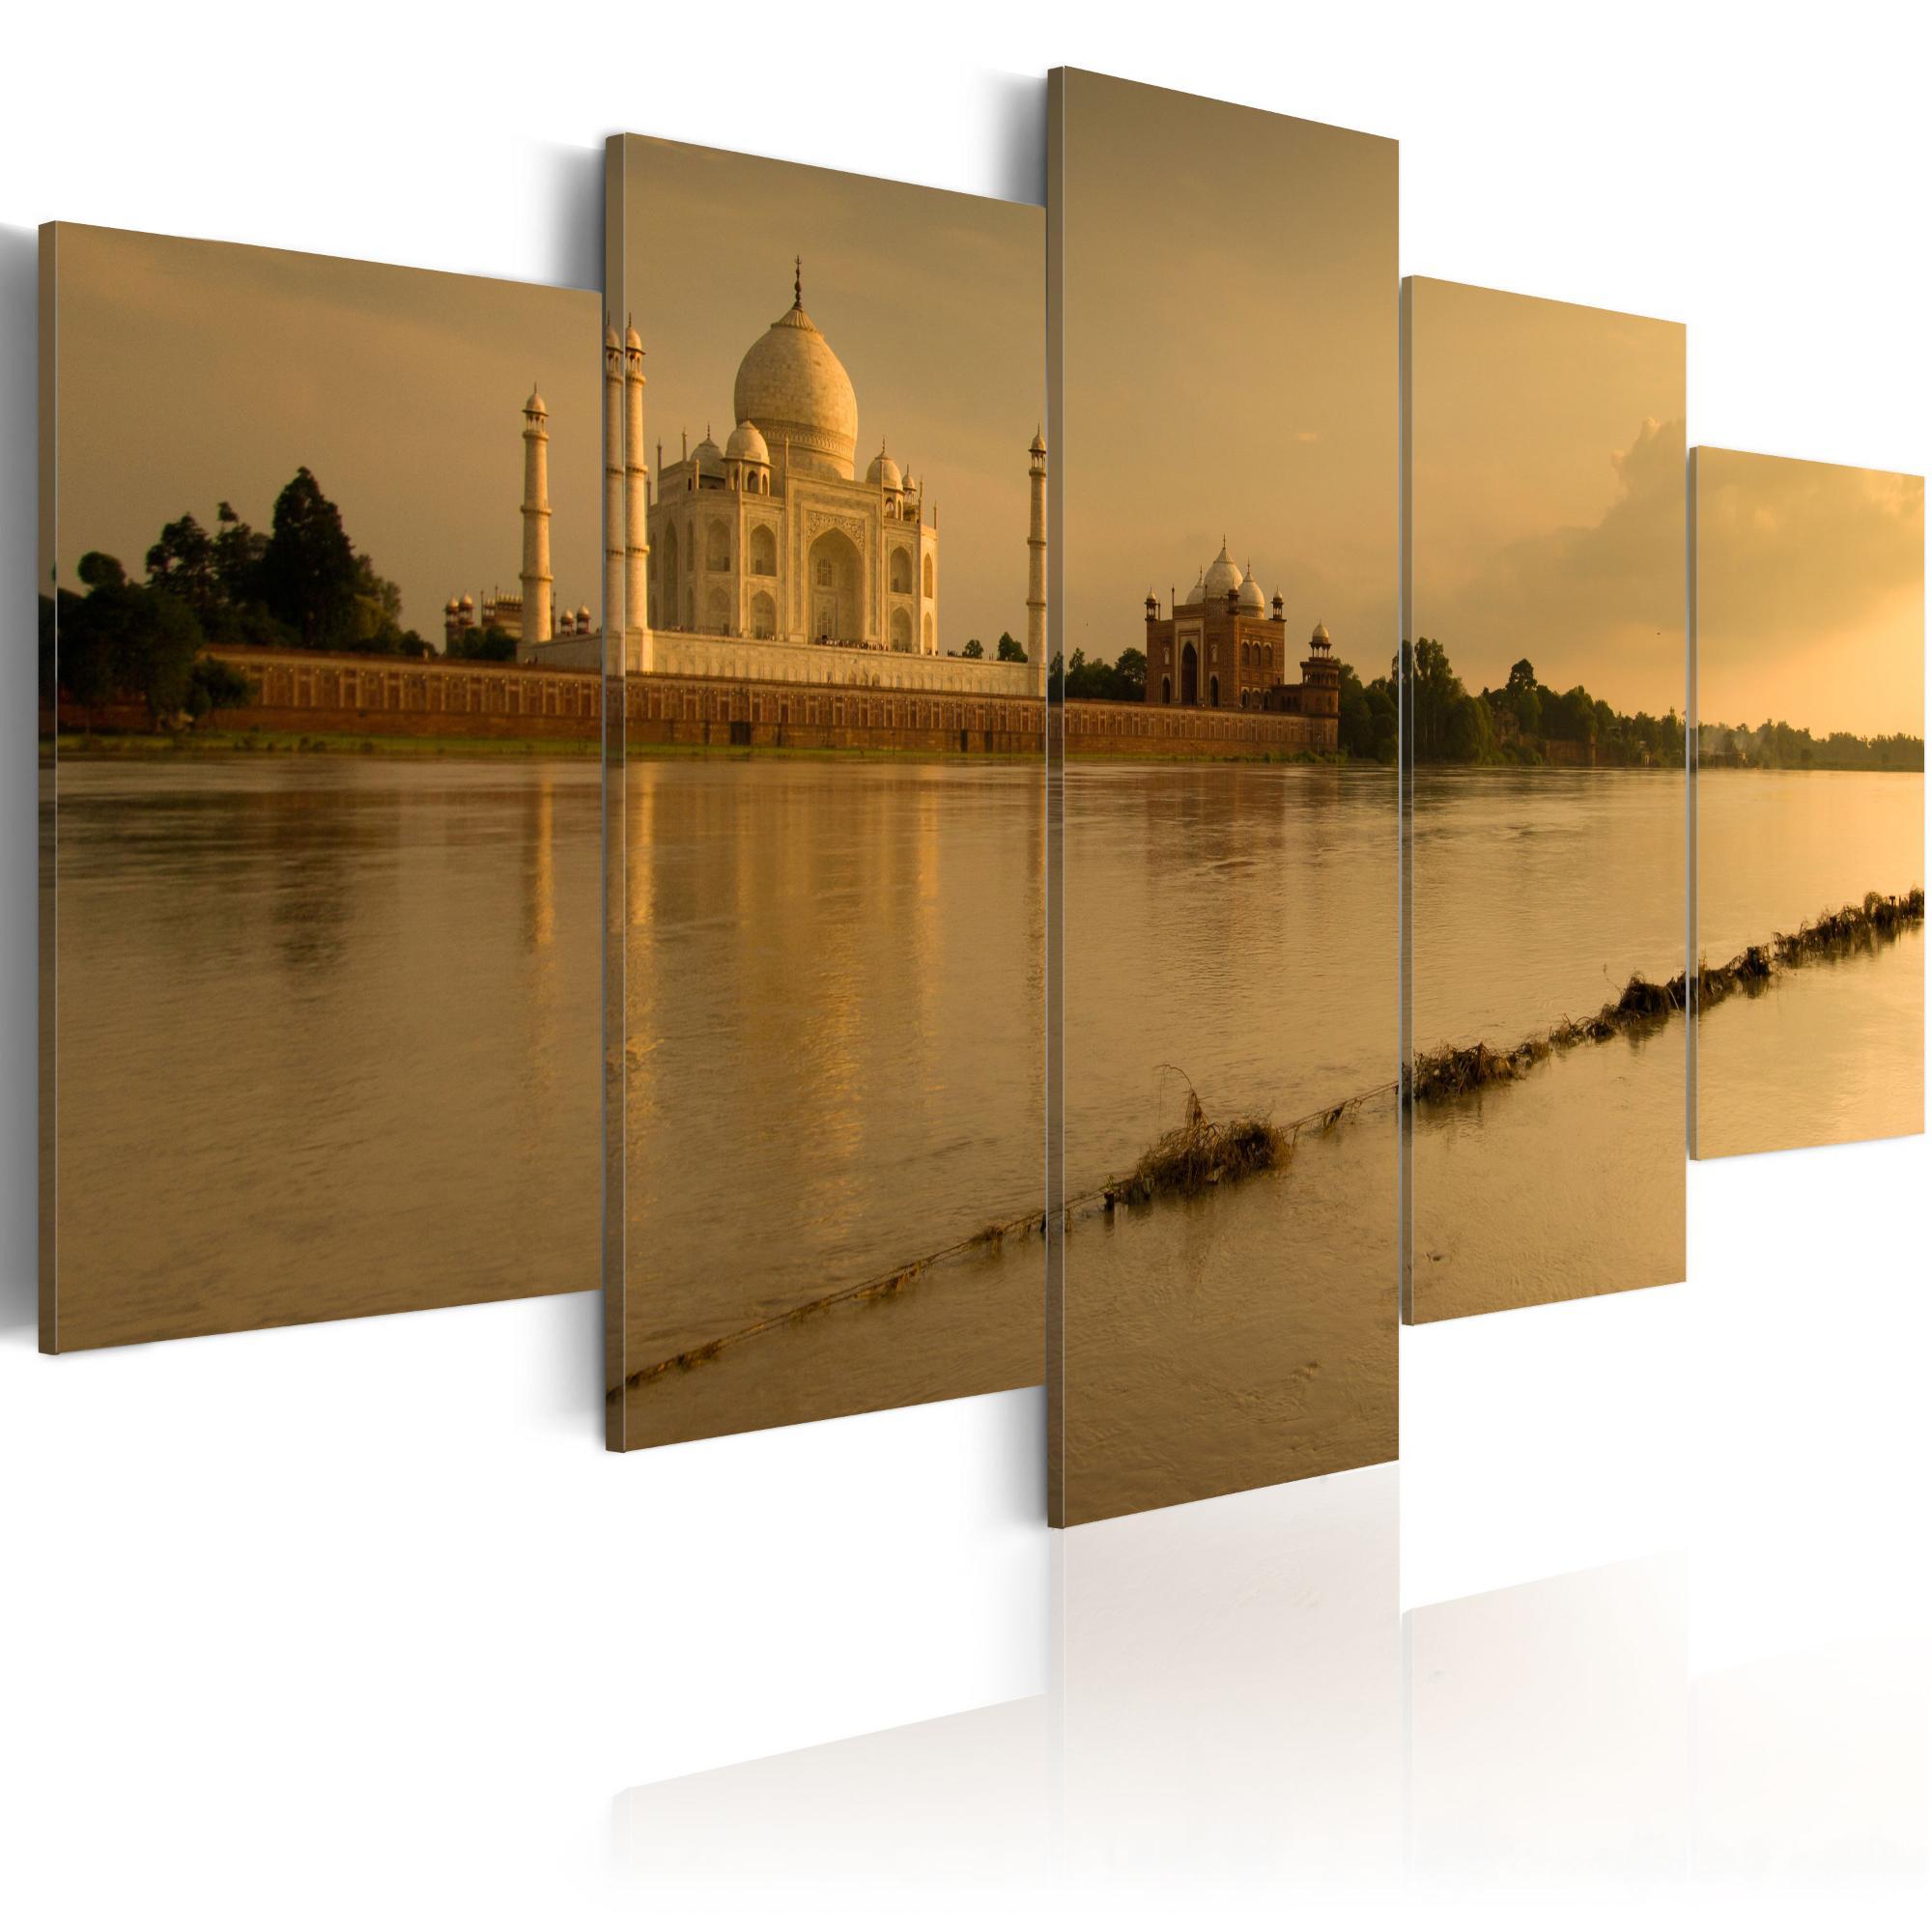 Ágra – Tádž Mahal